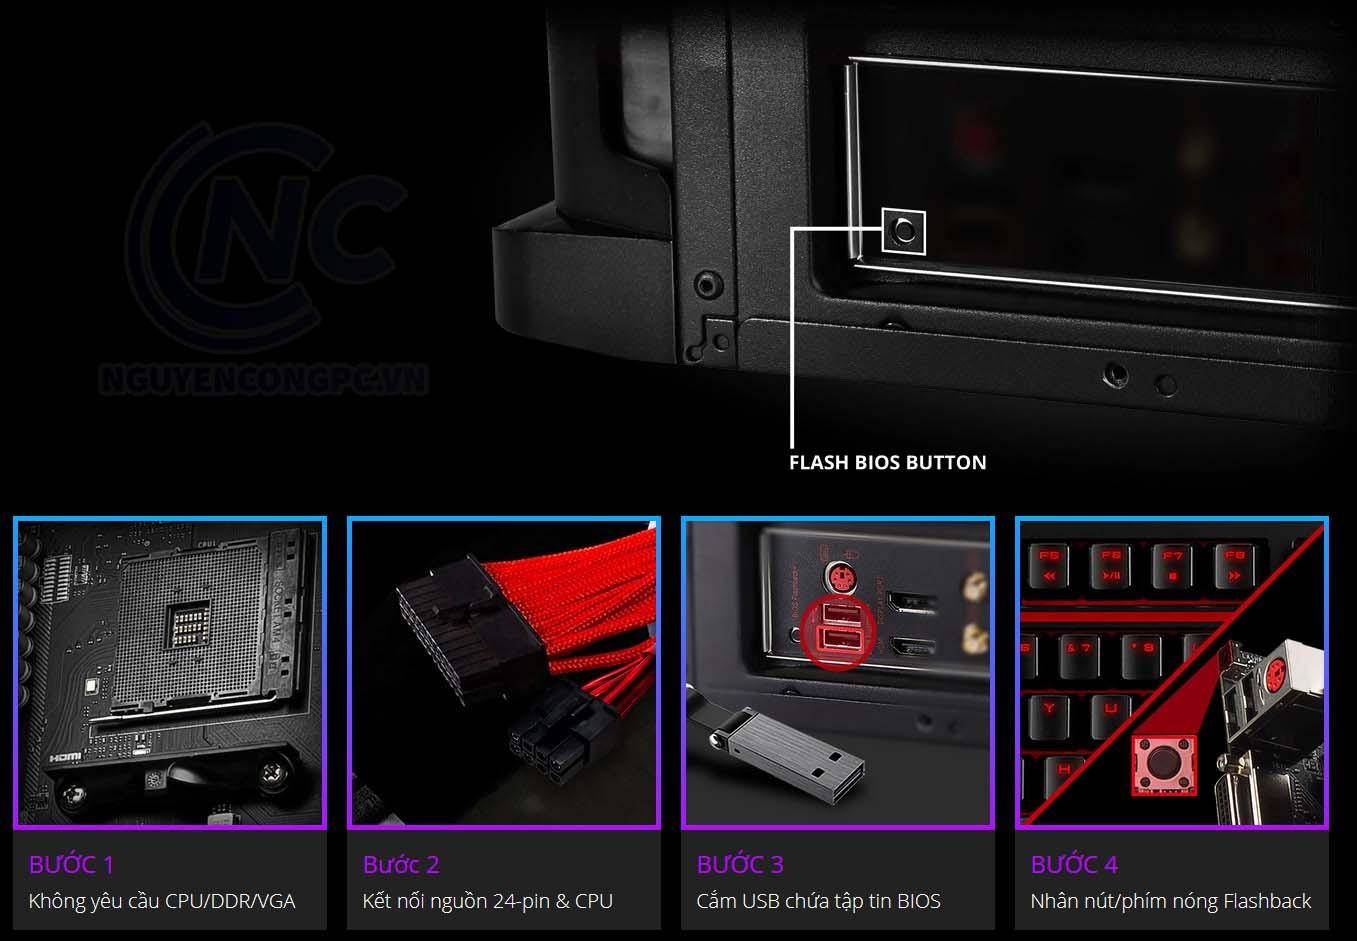 Nút Flash BIOS với chức năng ClearCMOS được tối ưu